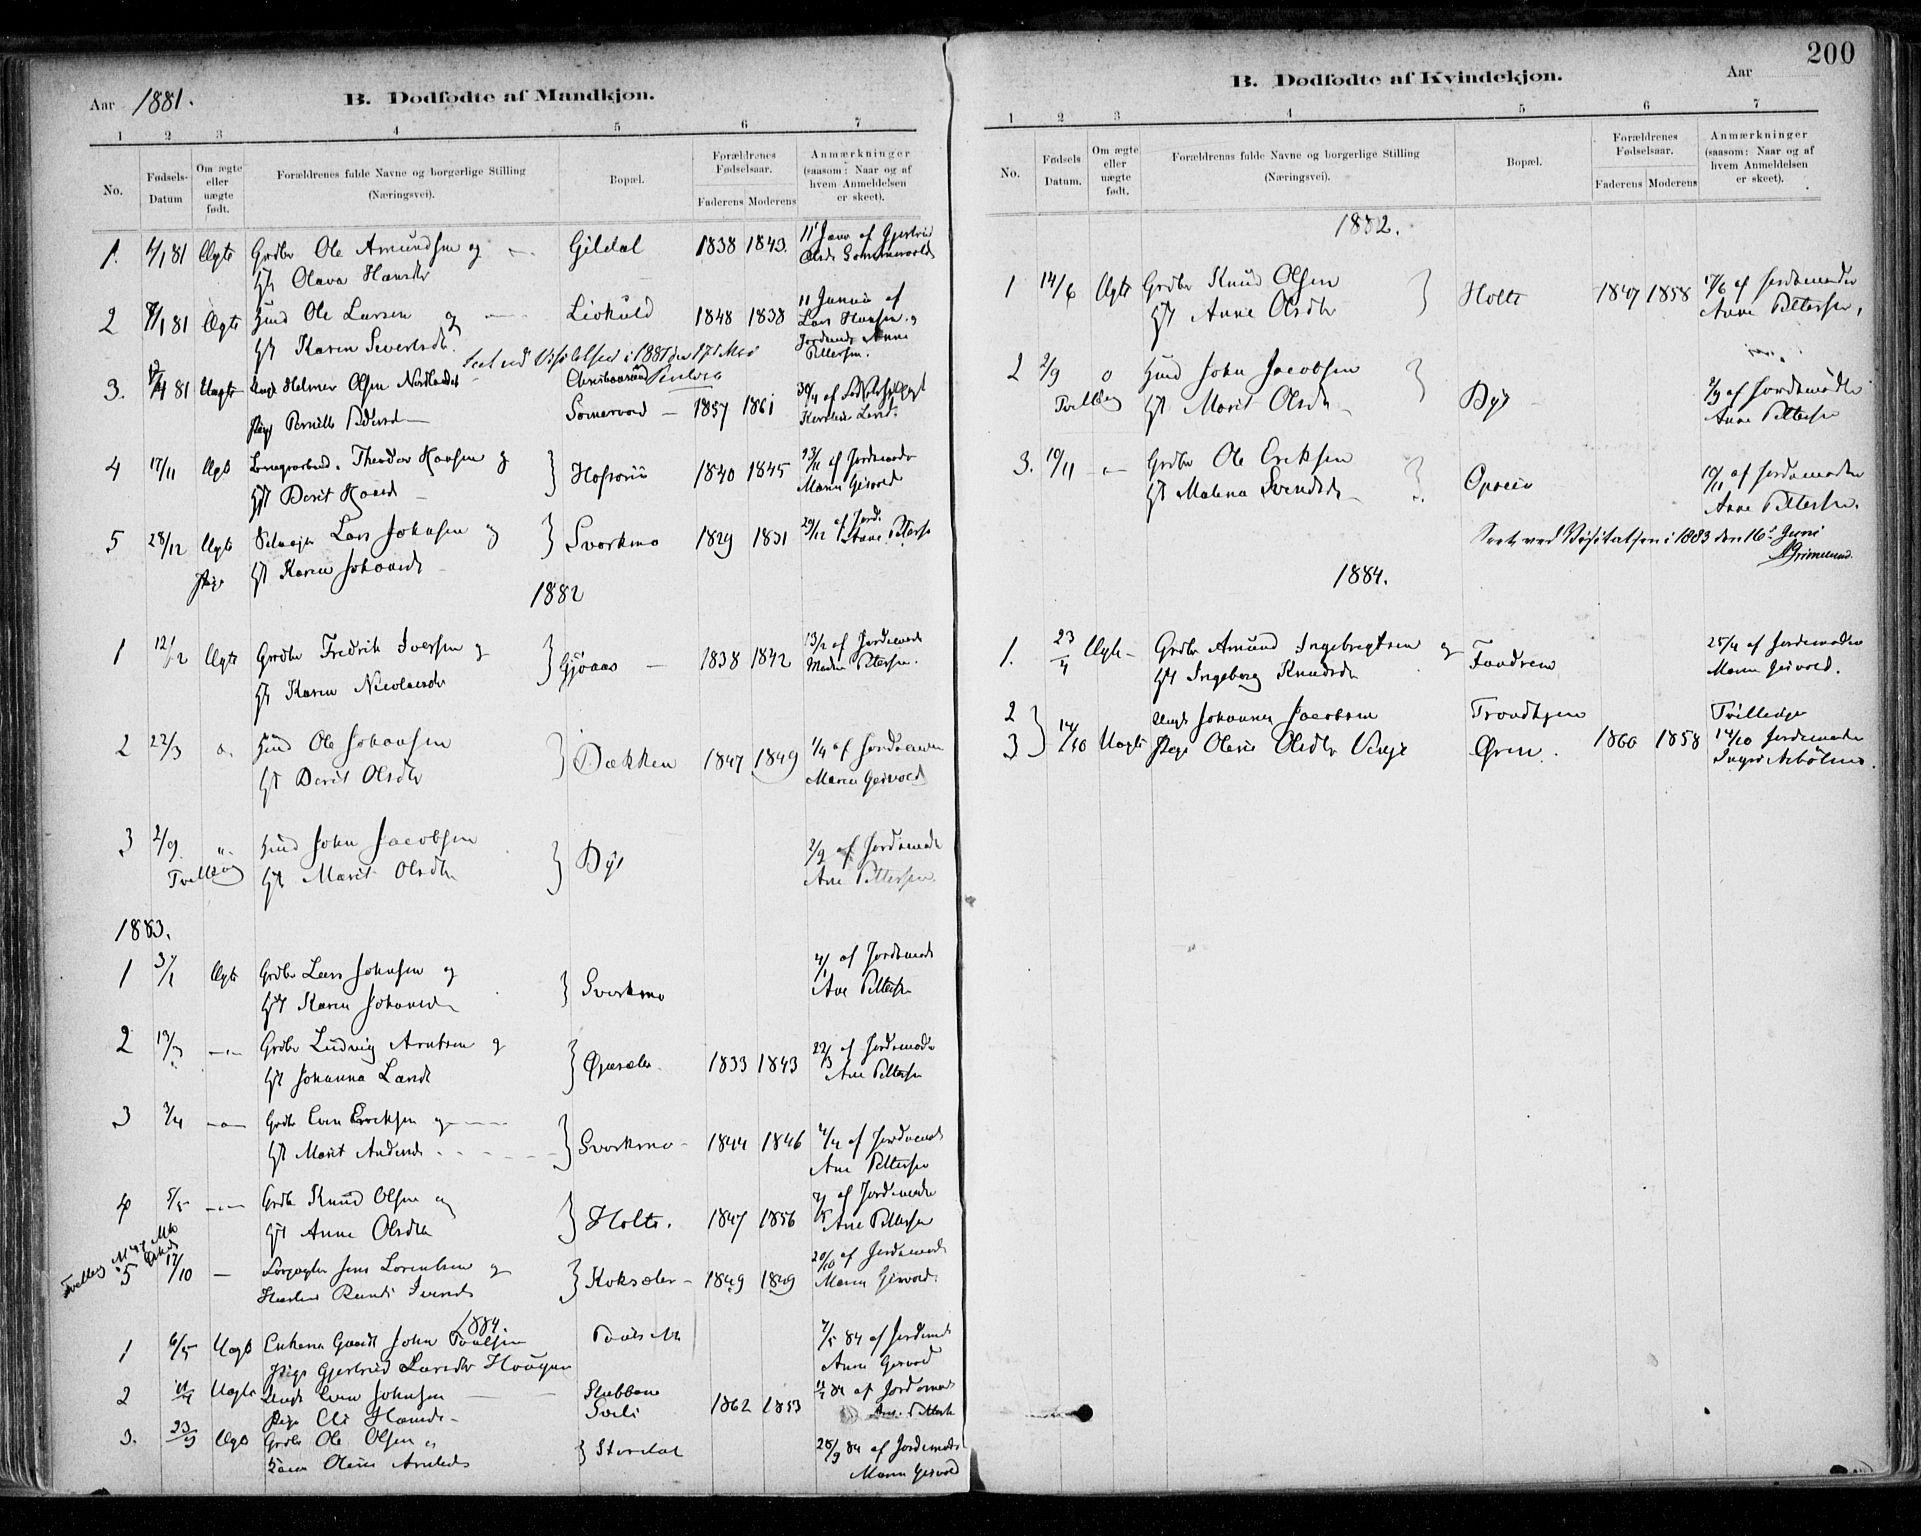 SAT, Ministerialprotokoller, klokkerbøker og fødselsregistre - Sør-Trøndelag, 668/L0809: Ministerialbok nr. 668A09, 1881-1895, s. 200